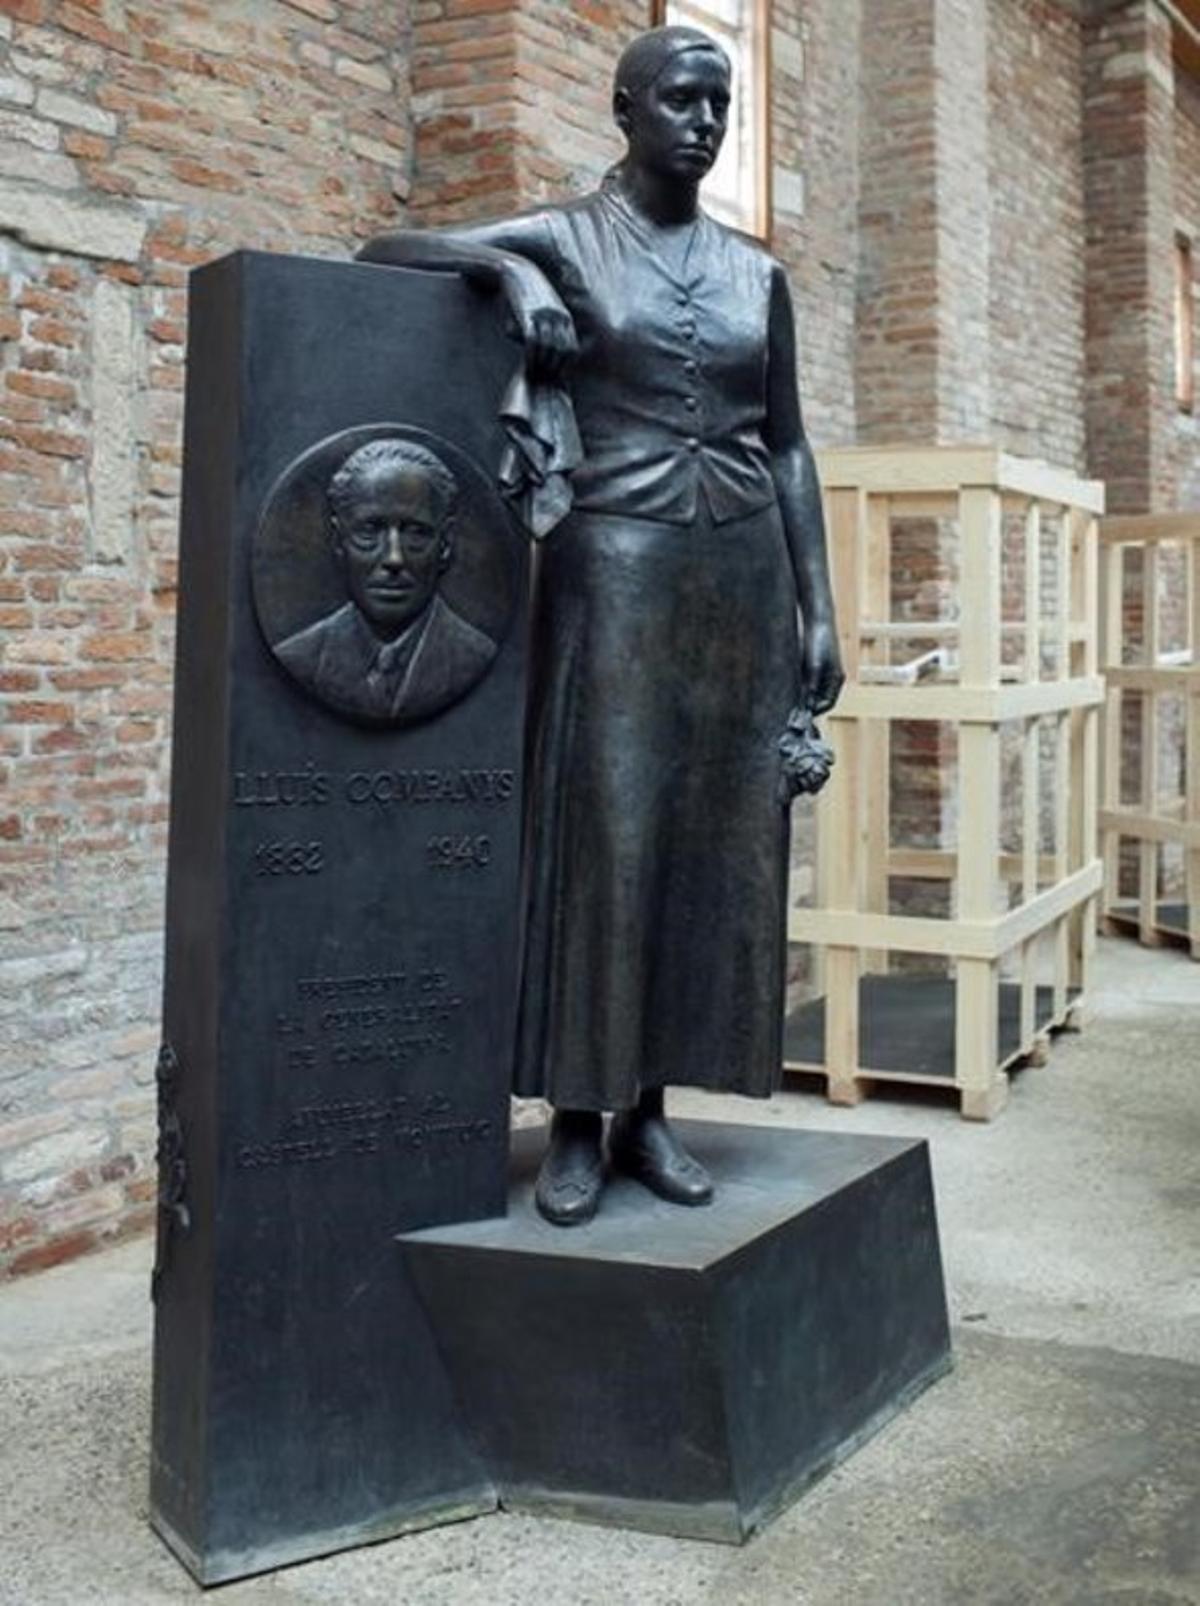 Monumento a Lluís Companys,la obra de Francisco López instalada desde 1998 en el paseo de Sant Joan de Barcelona